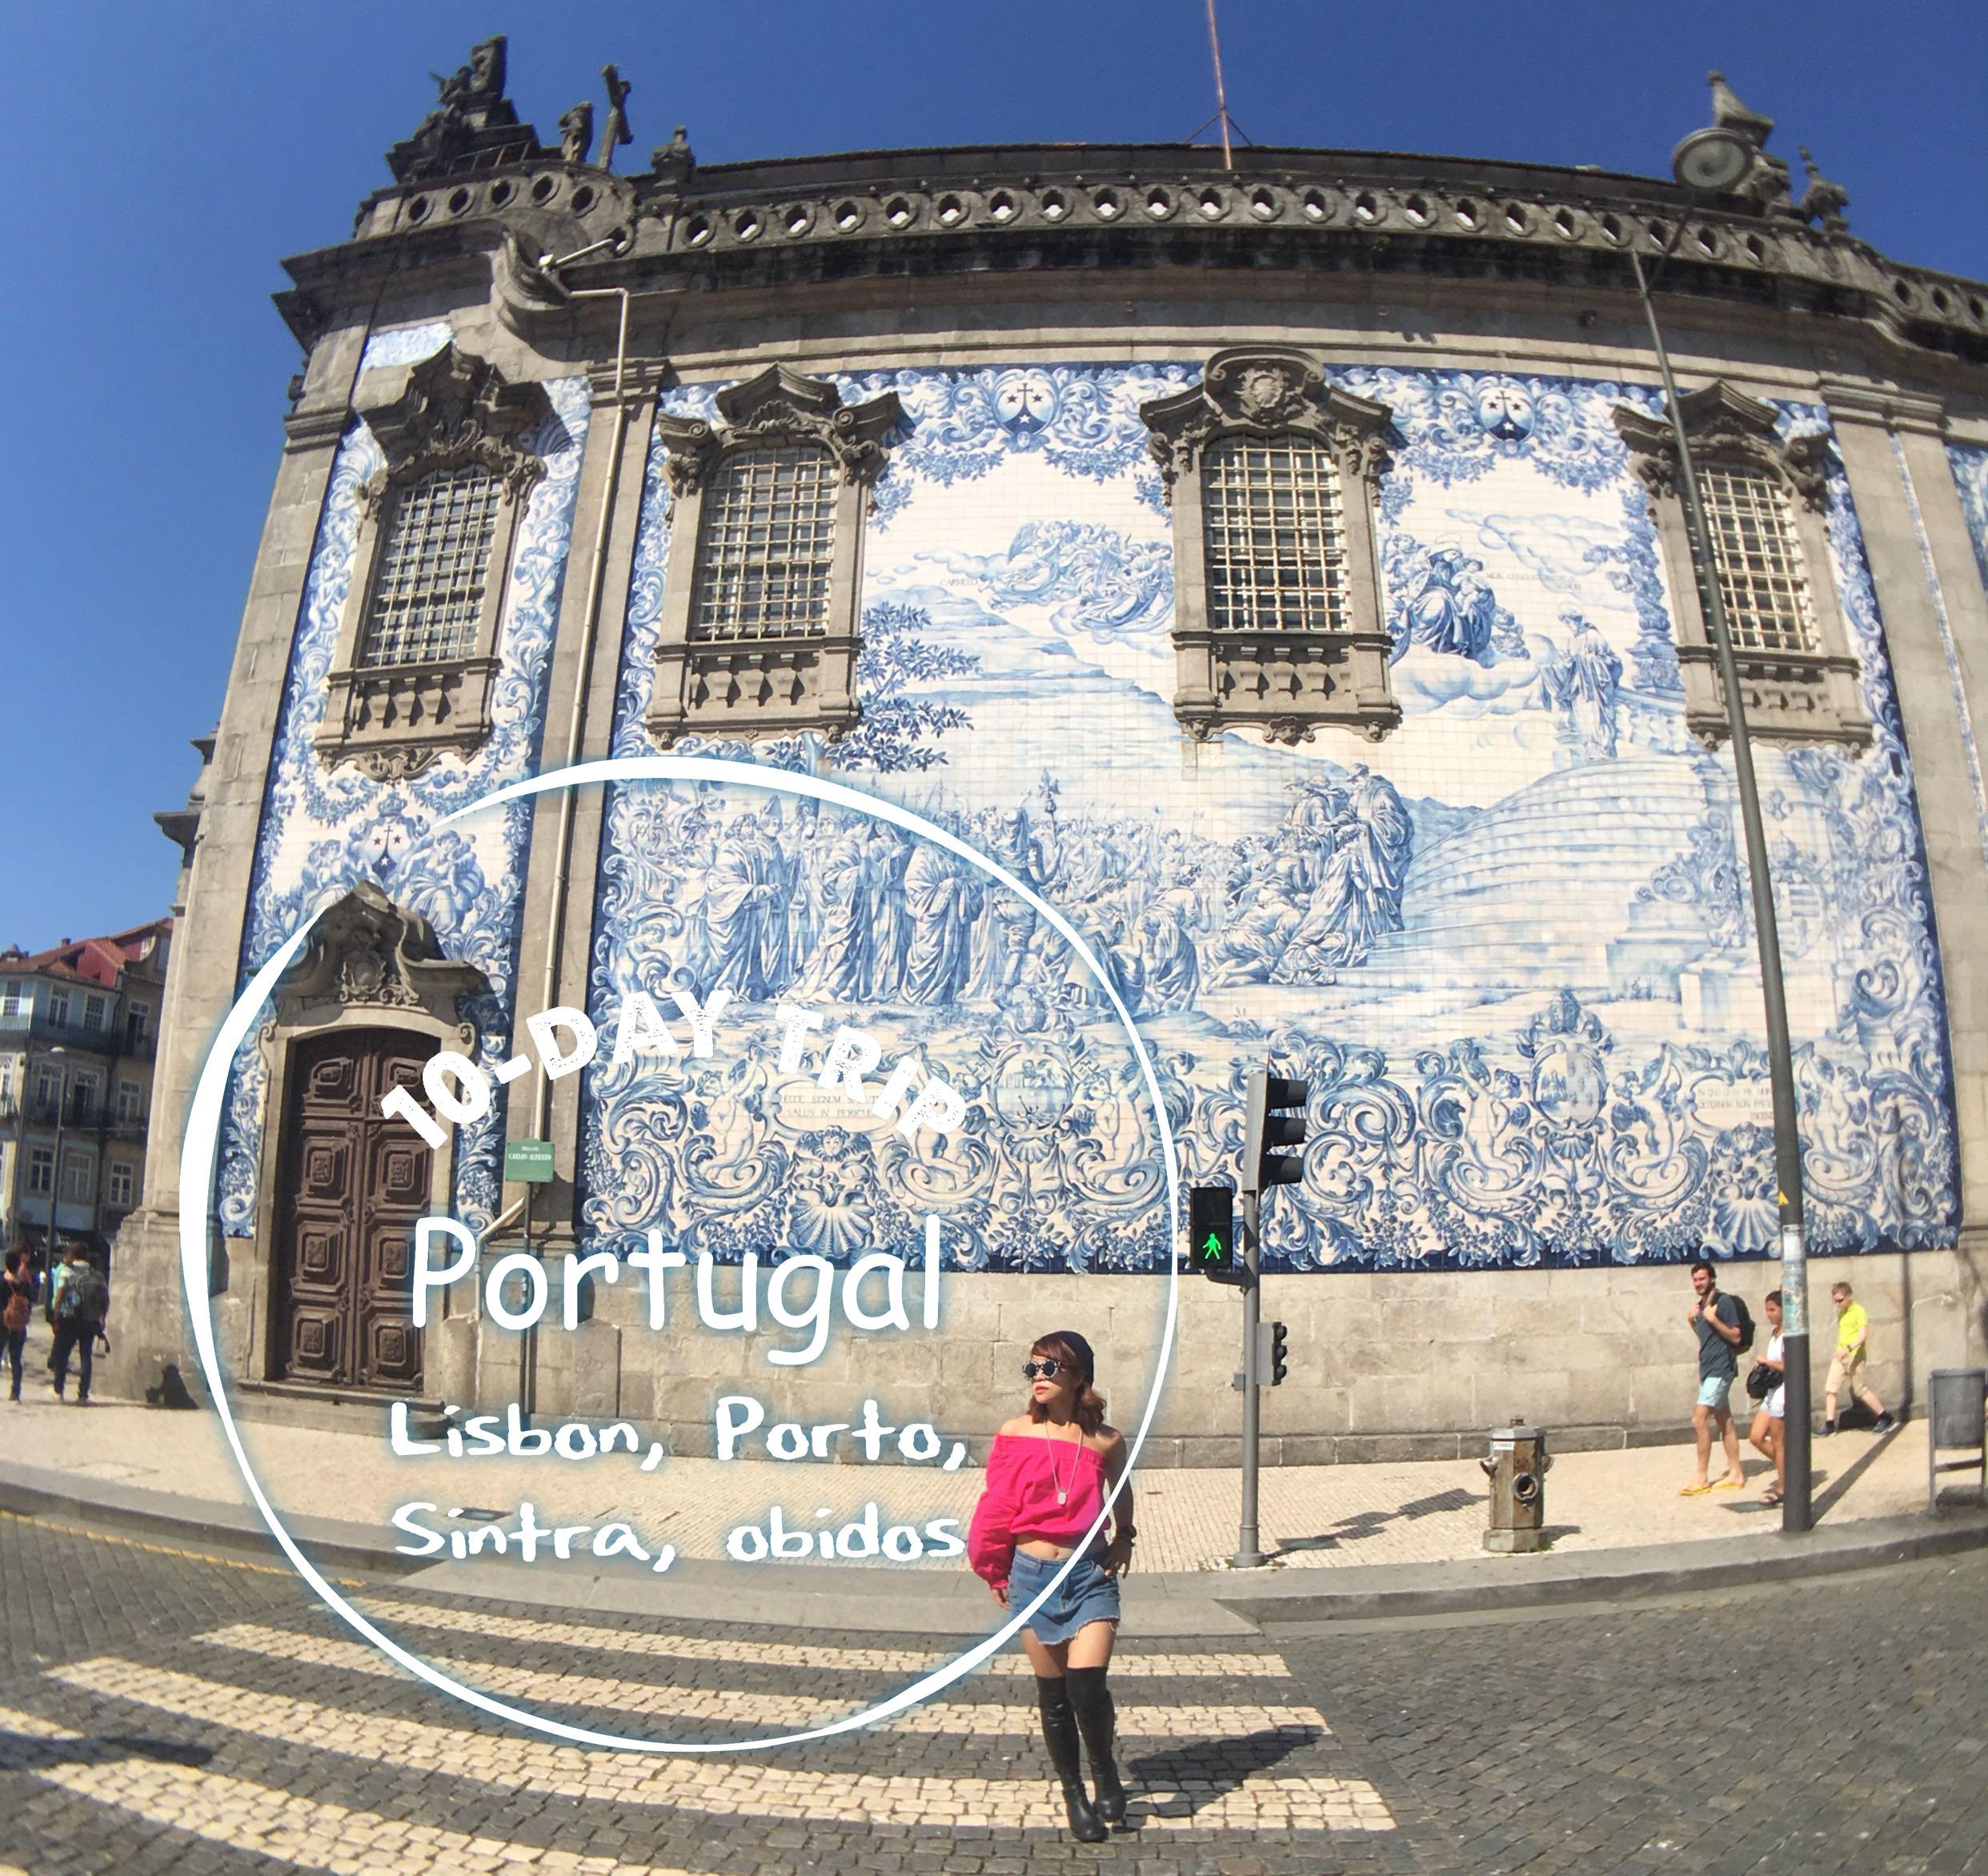 葡萄牙最強懶人包🔸11天必去景點行程安排  里斯本 波圖 奧比多斯 辛特拉 自駕輕鬆遊 Portugal